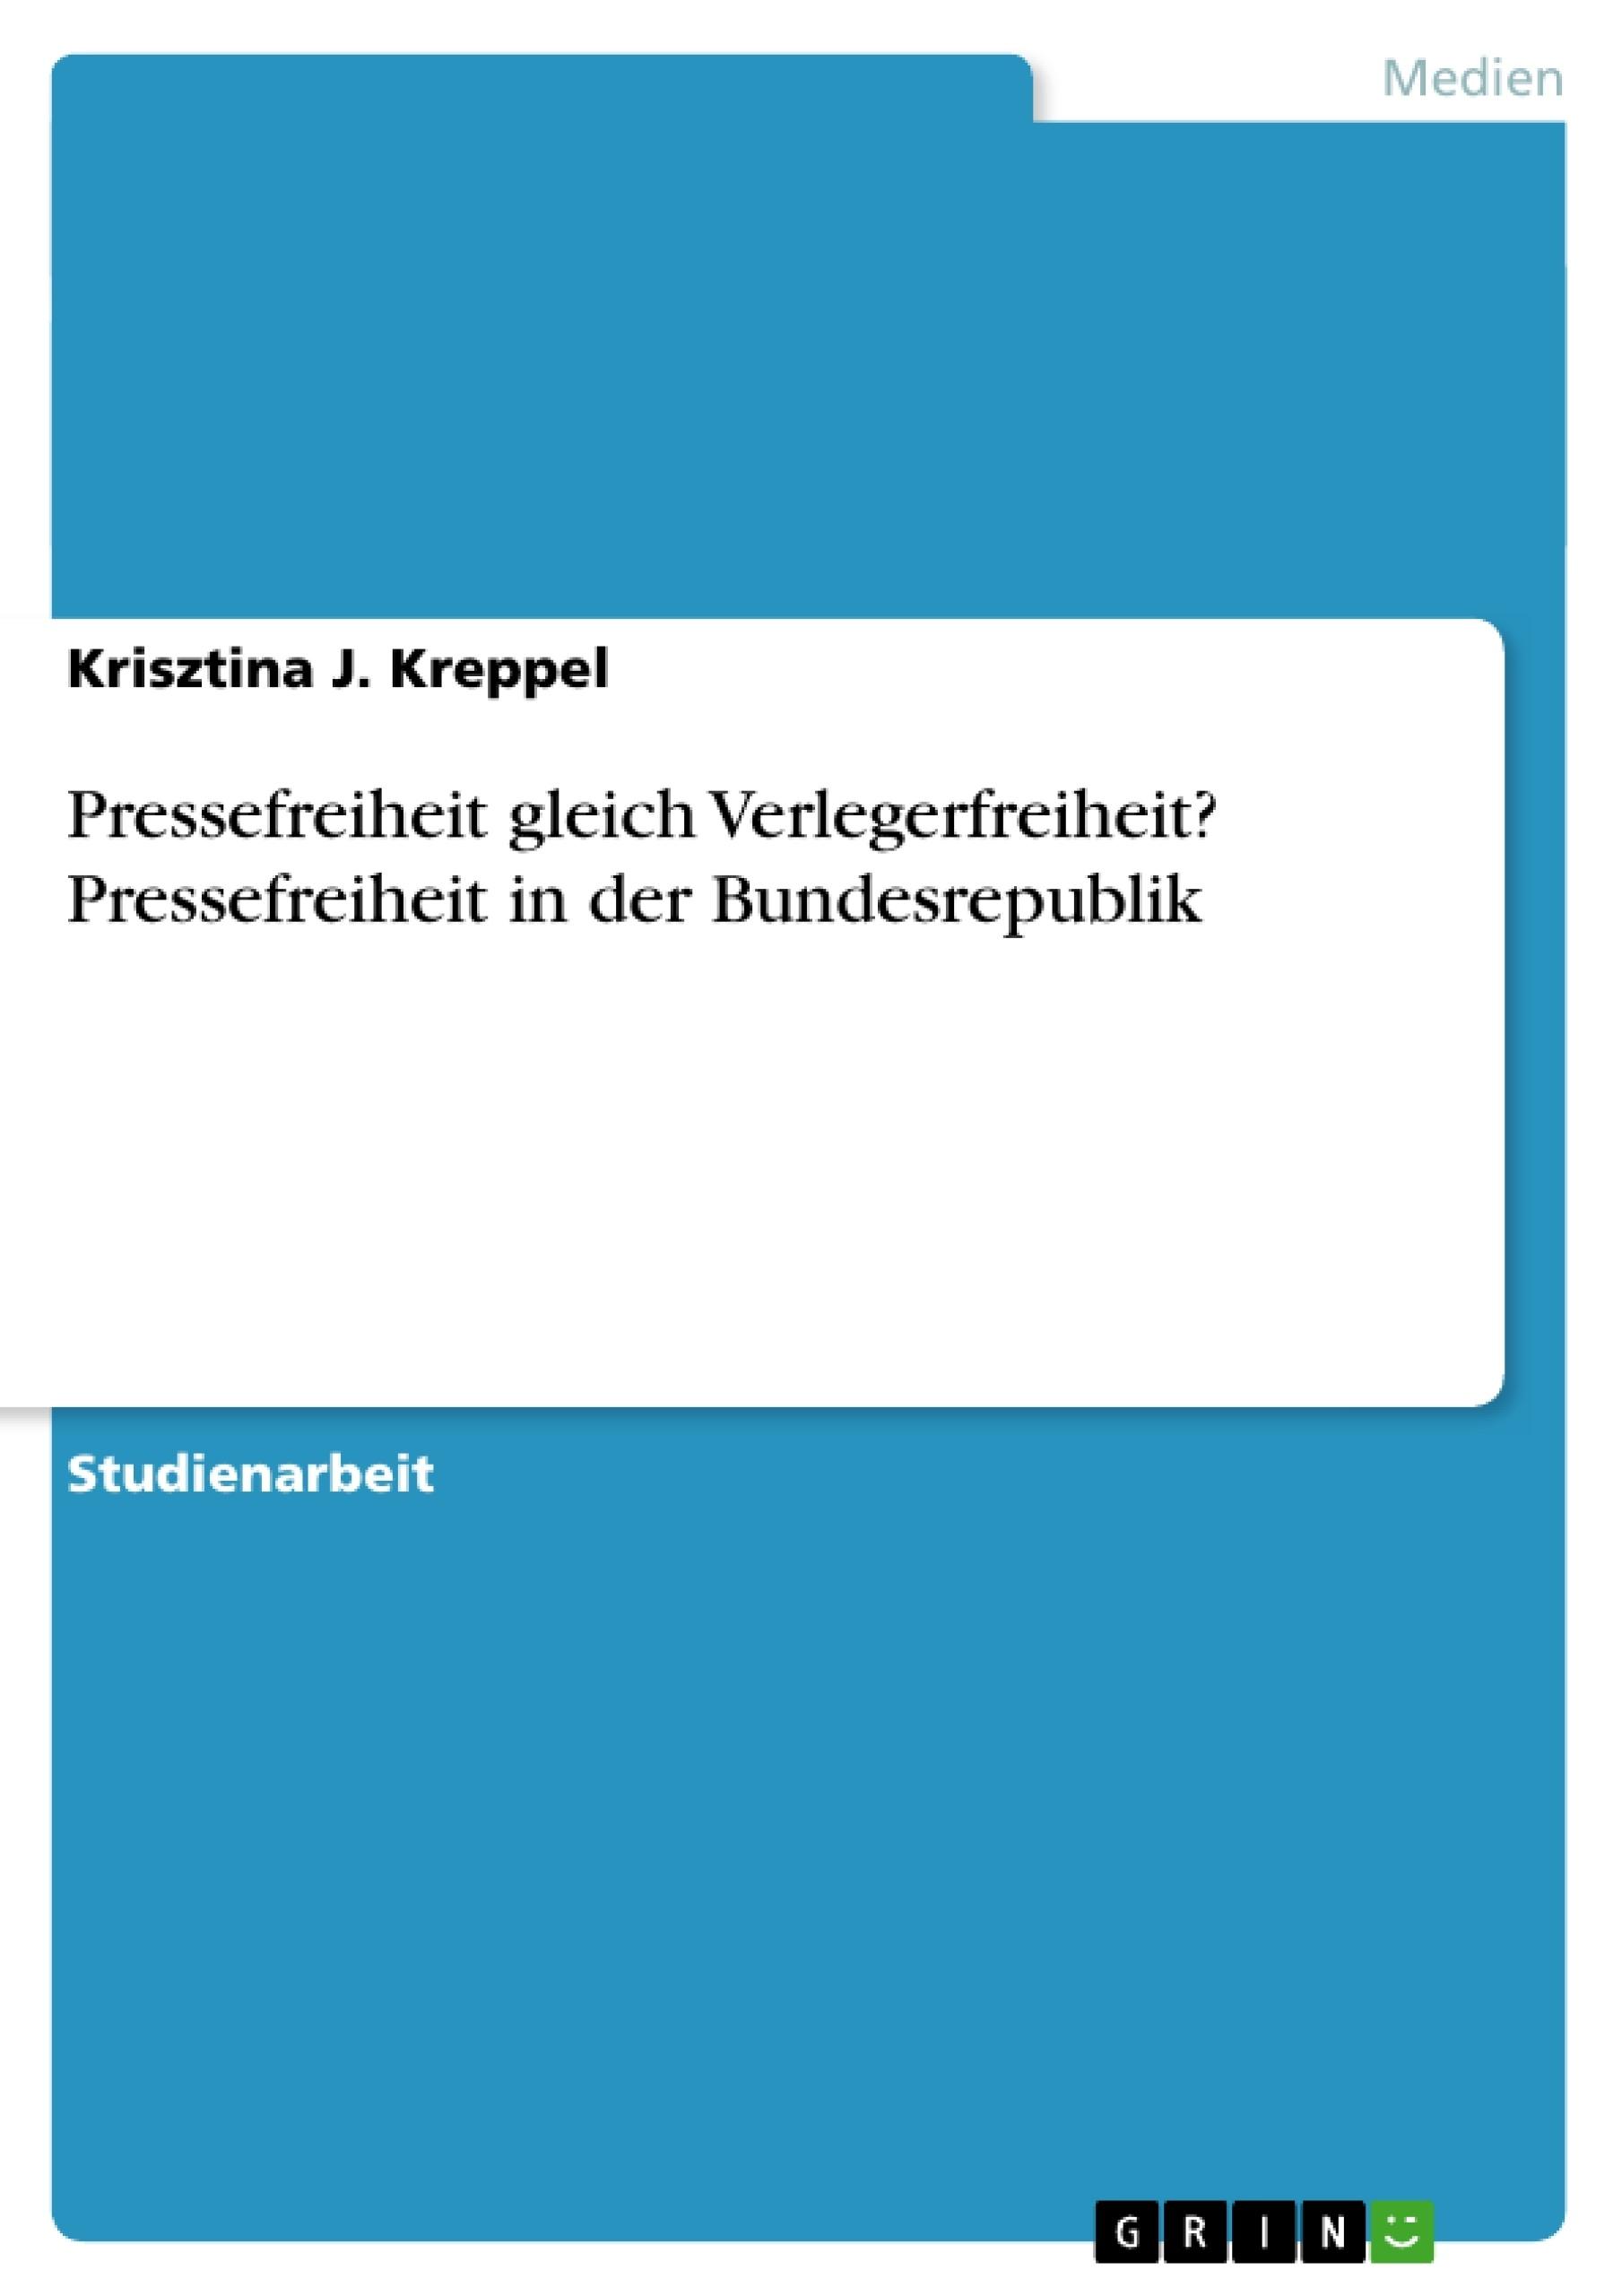 Titel: Pressefreiheit gleich Verlegerfreiheit? Pressefreiheit in der Bundesrepublik